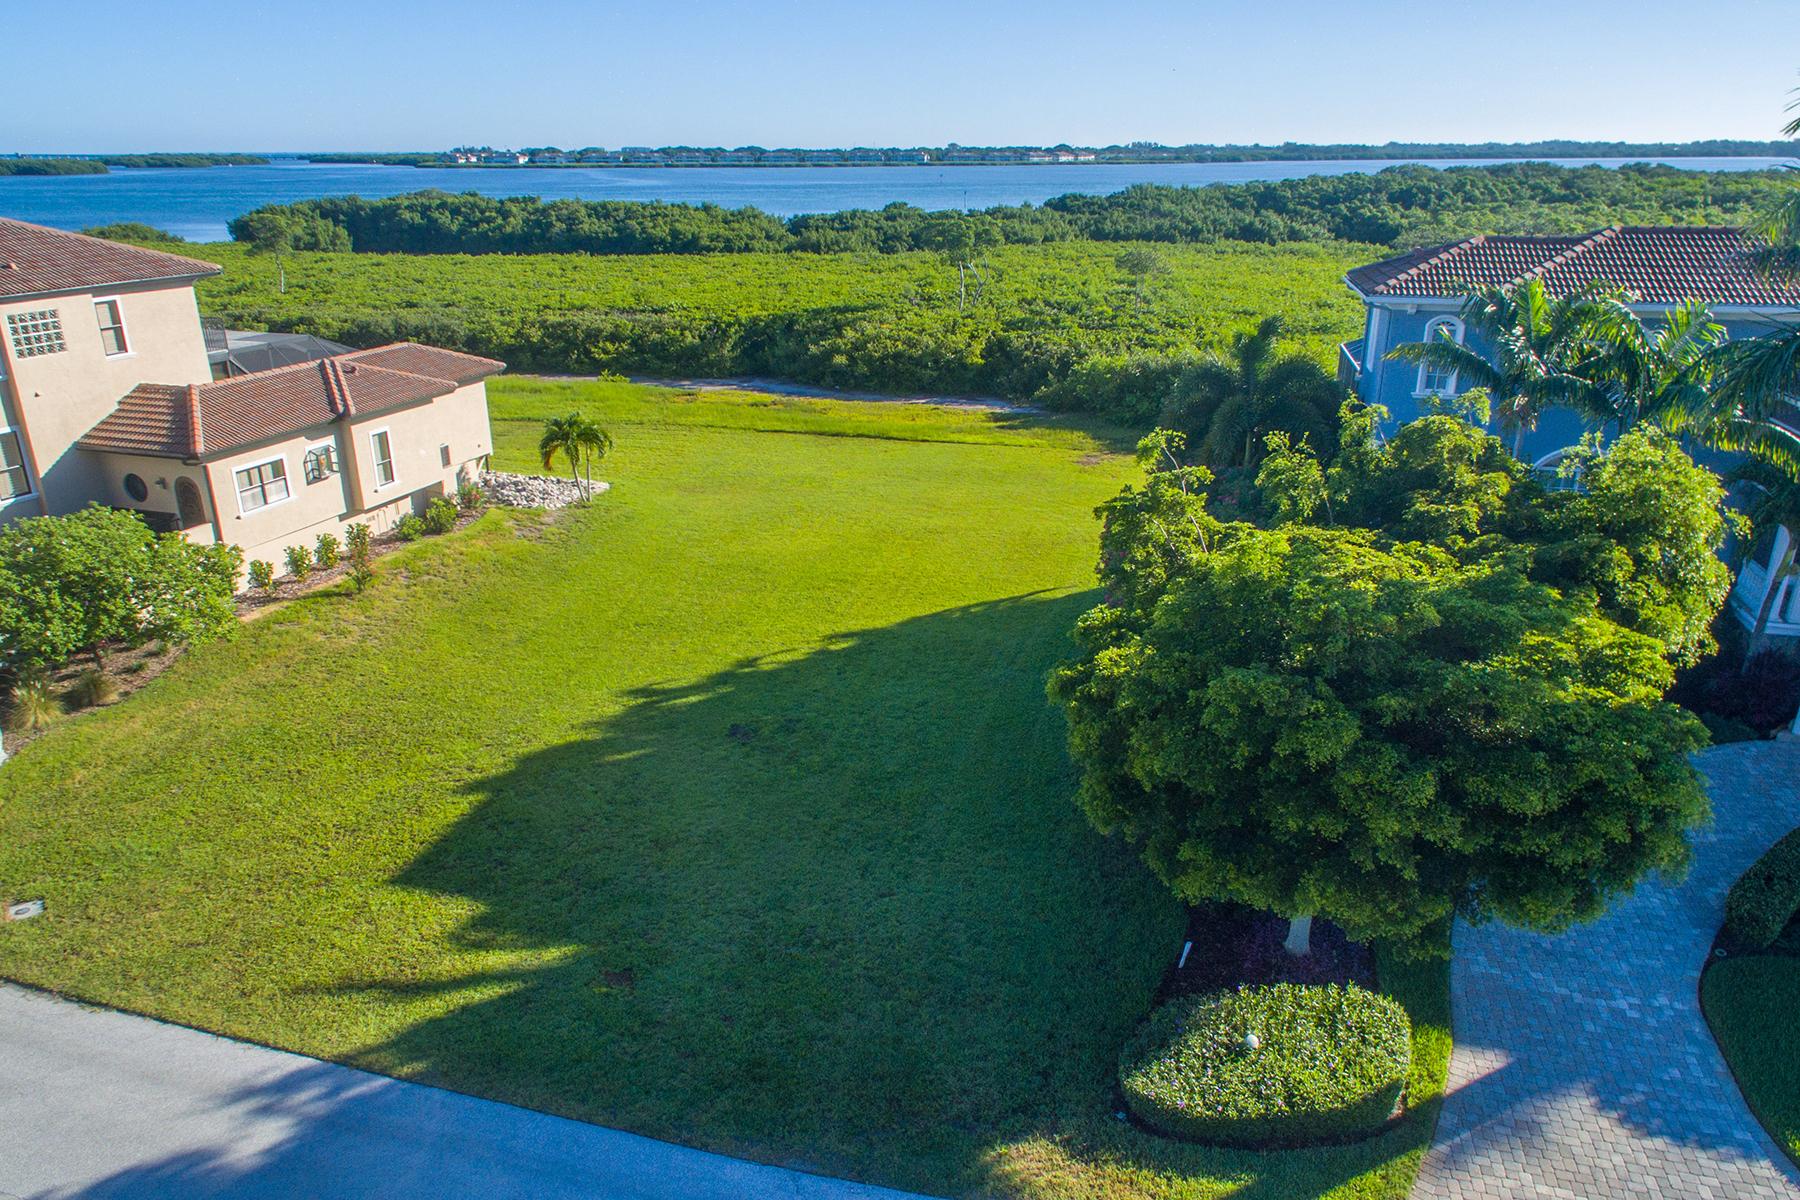 土地,用地 为 销售 在 CORTEZ 12349 Baypointe Terr 34, 科尔特斯, 佛罗里达州, 34215 美国